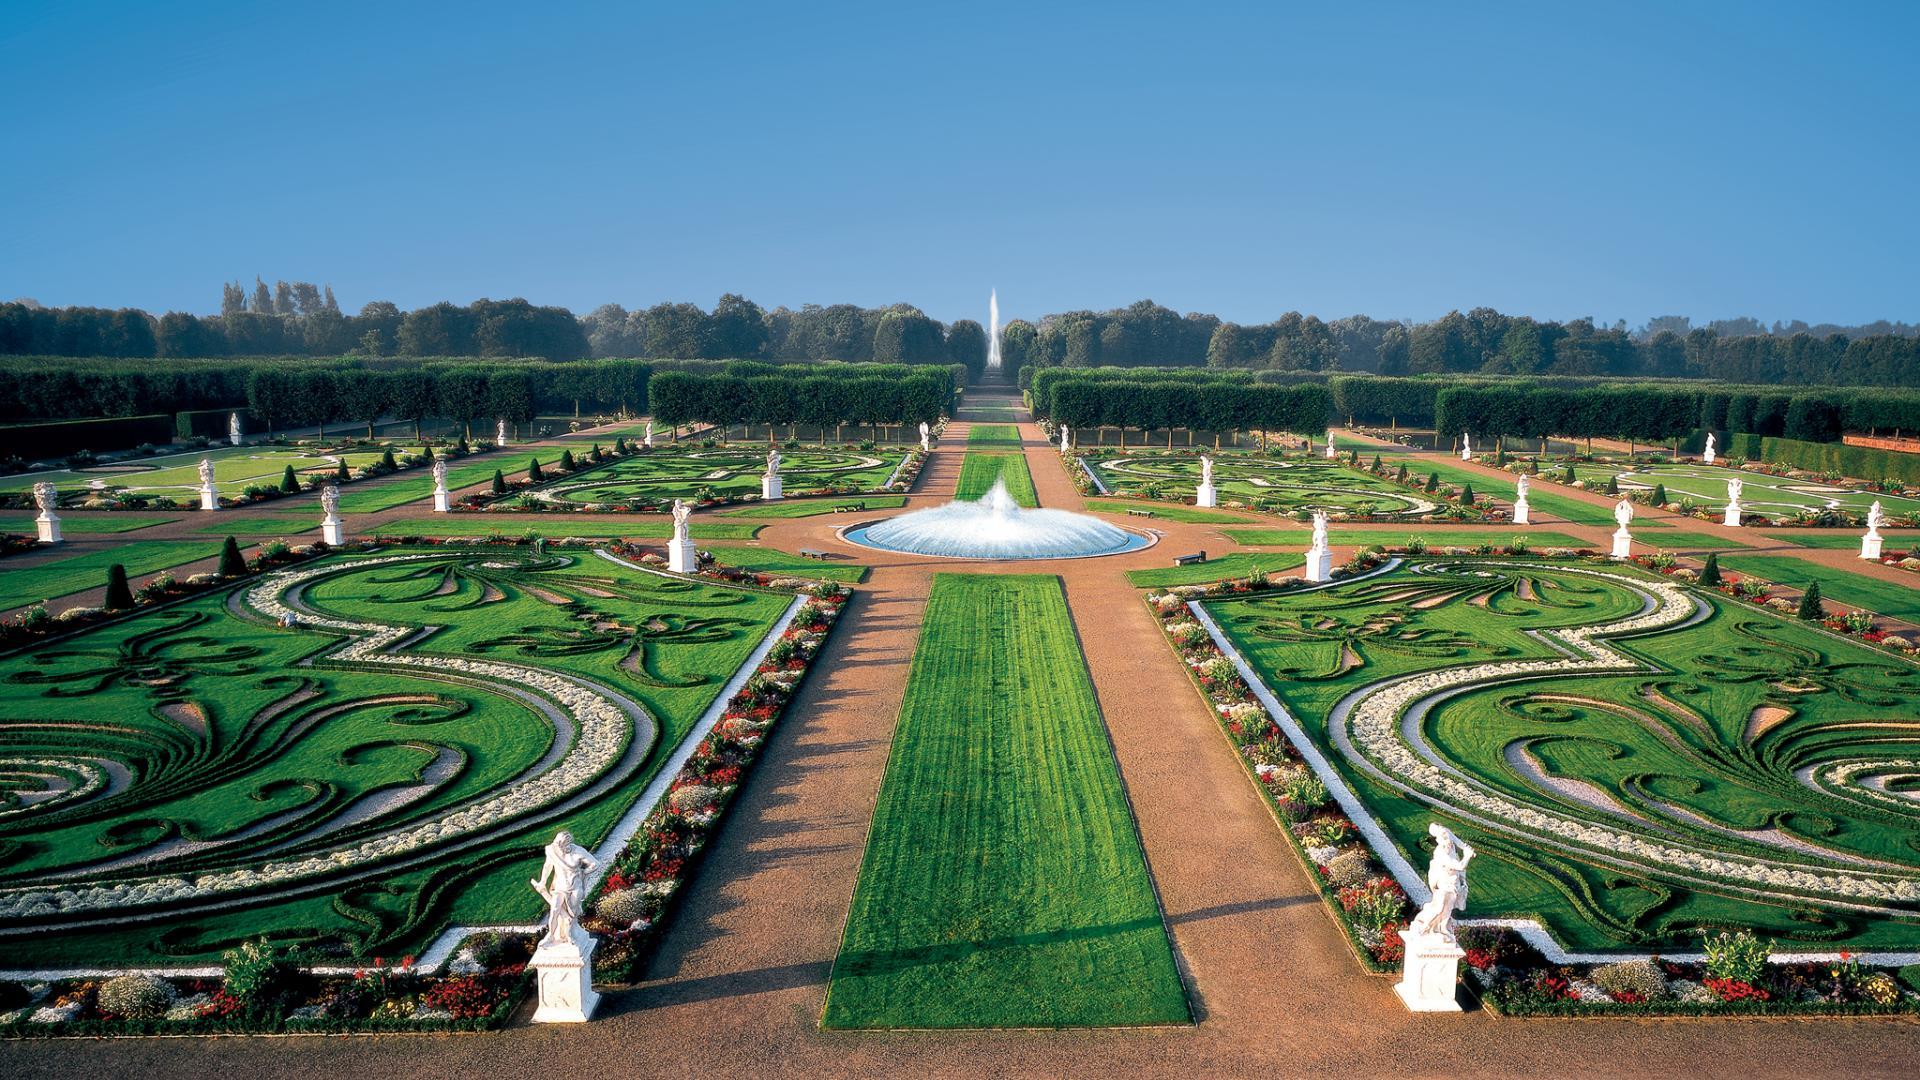 Herrenhaeuser Garten